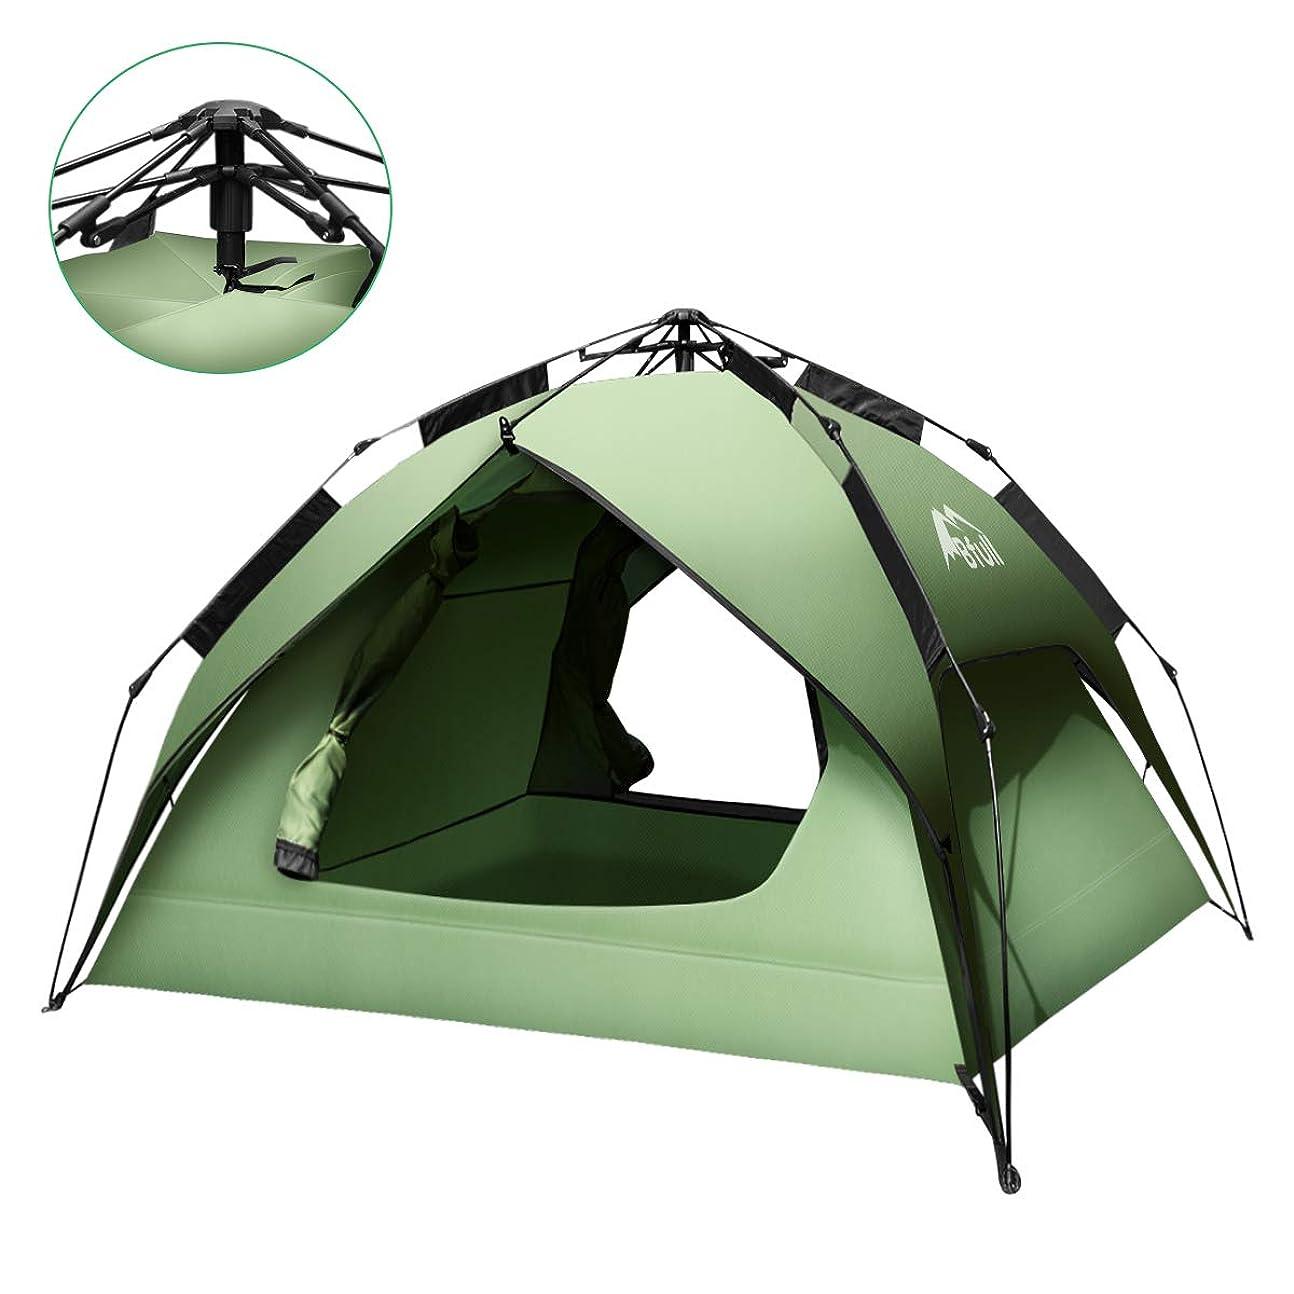 やむを得ないネックレット敵対的FIELDOOR フライシート付キャンプテント フィールドキャンプドーム ペグ+ロープ+キャリーバッグ付 UVカット 耐水 シルバーコーティング キャノピー 簡単